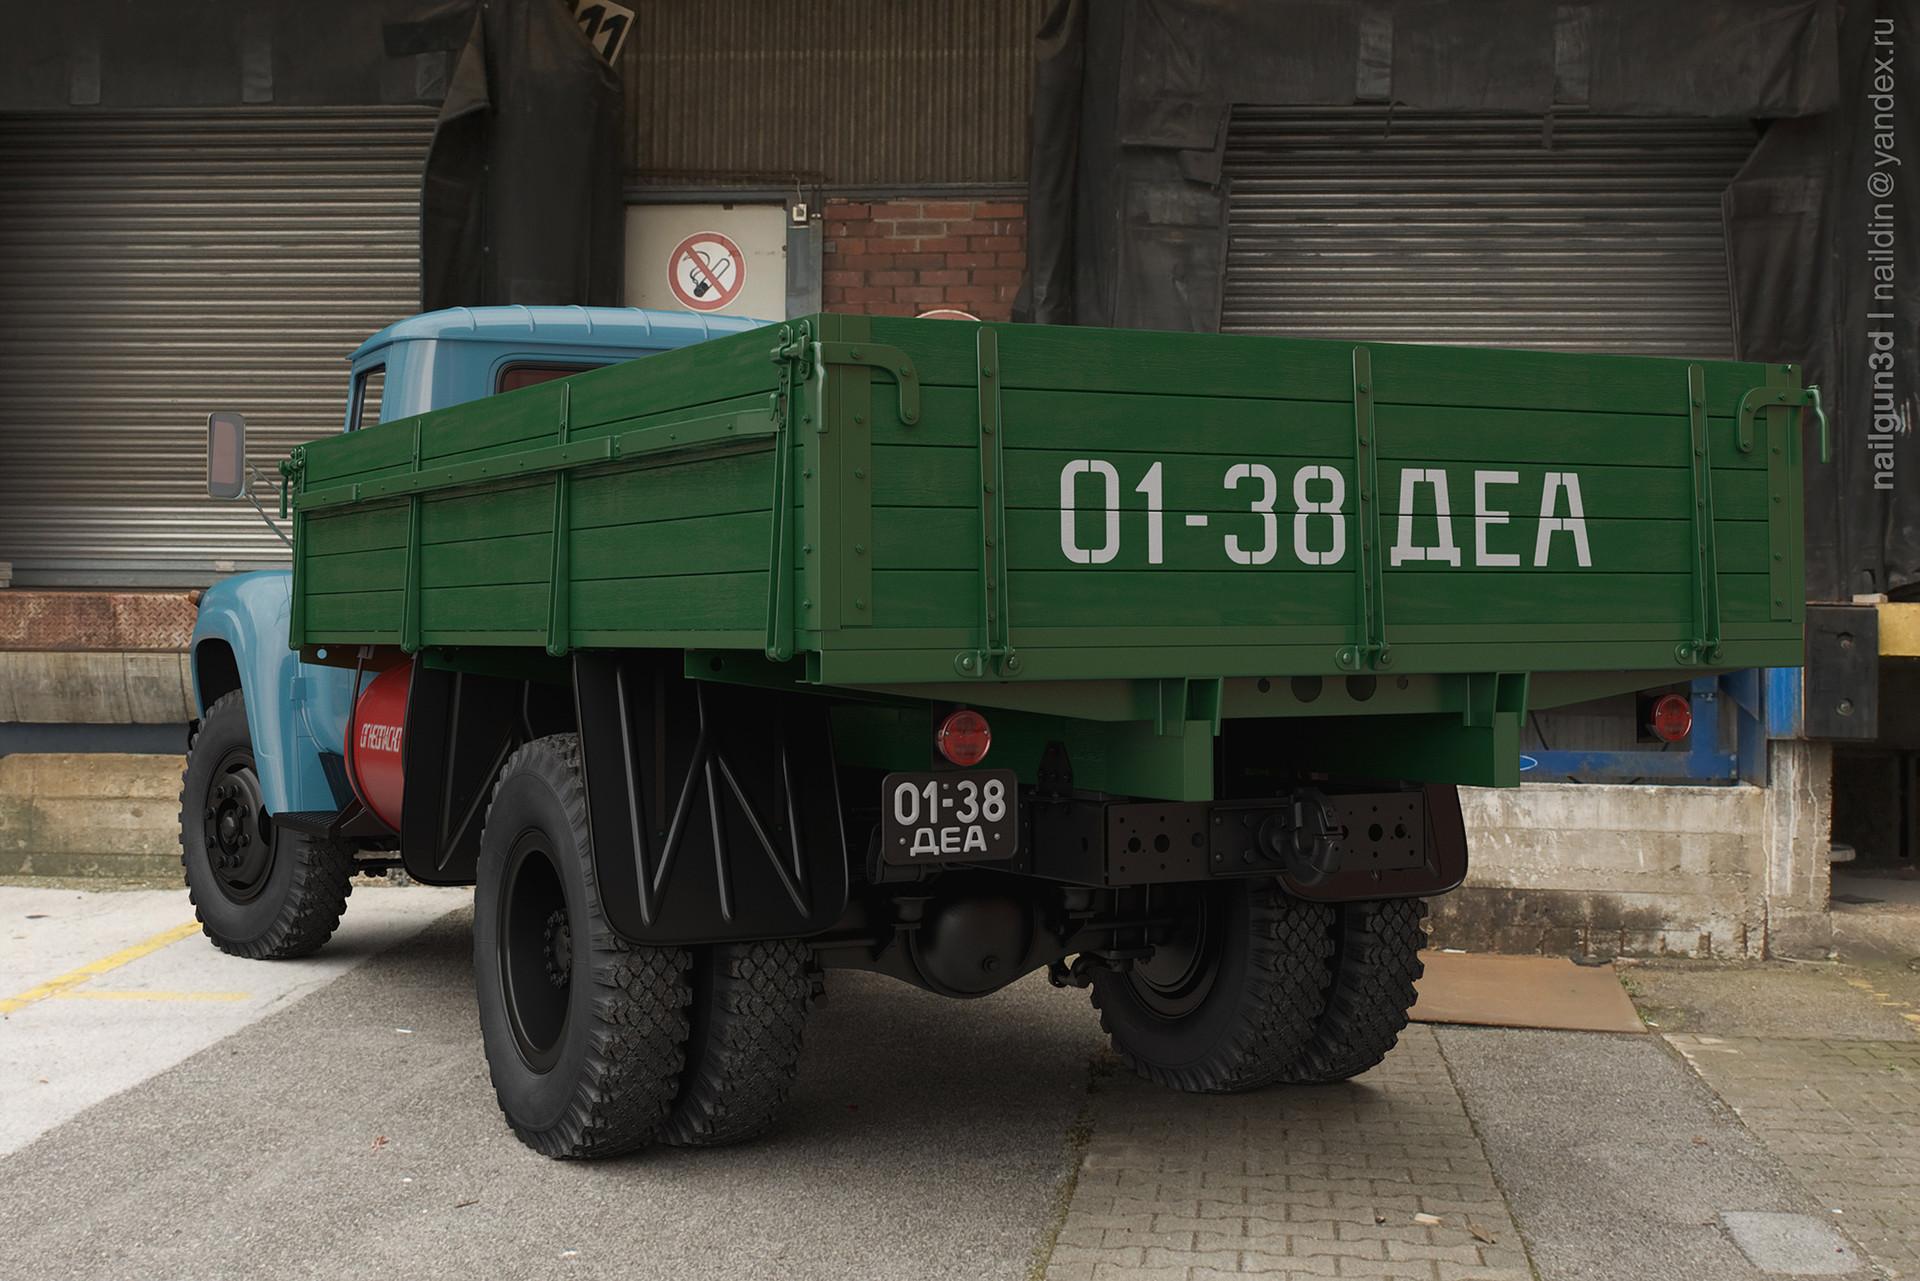 Nail khusnutdinov alg 039 010 zil 138 rear view 3x